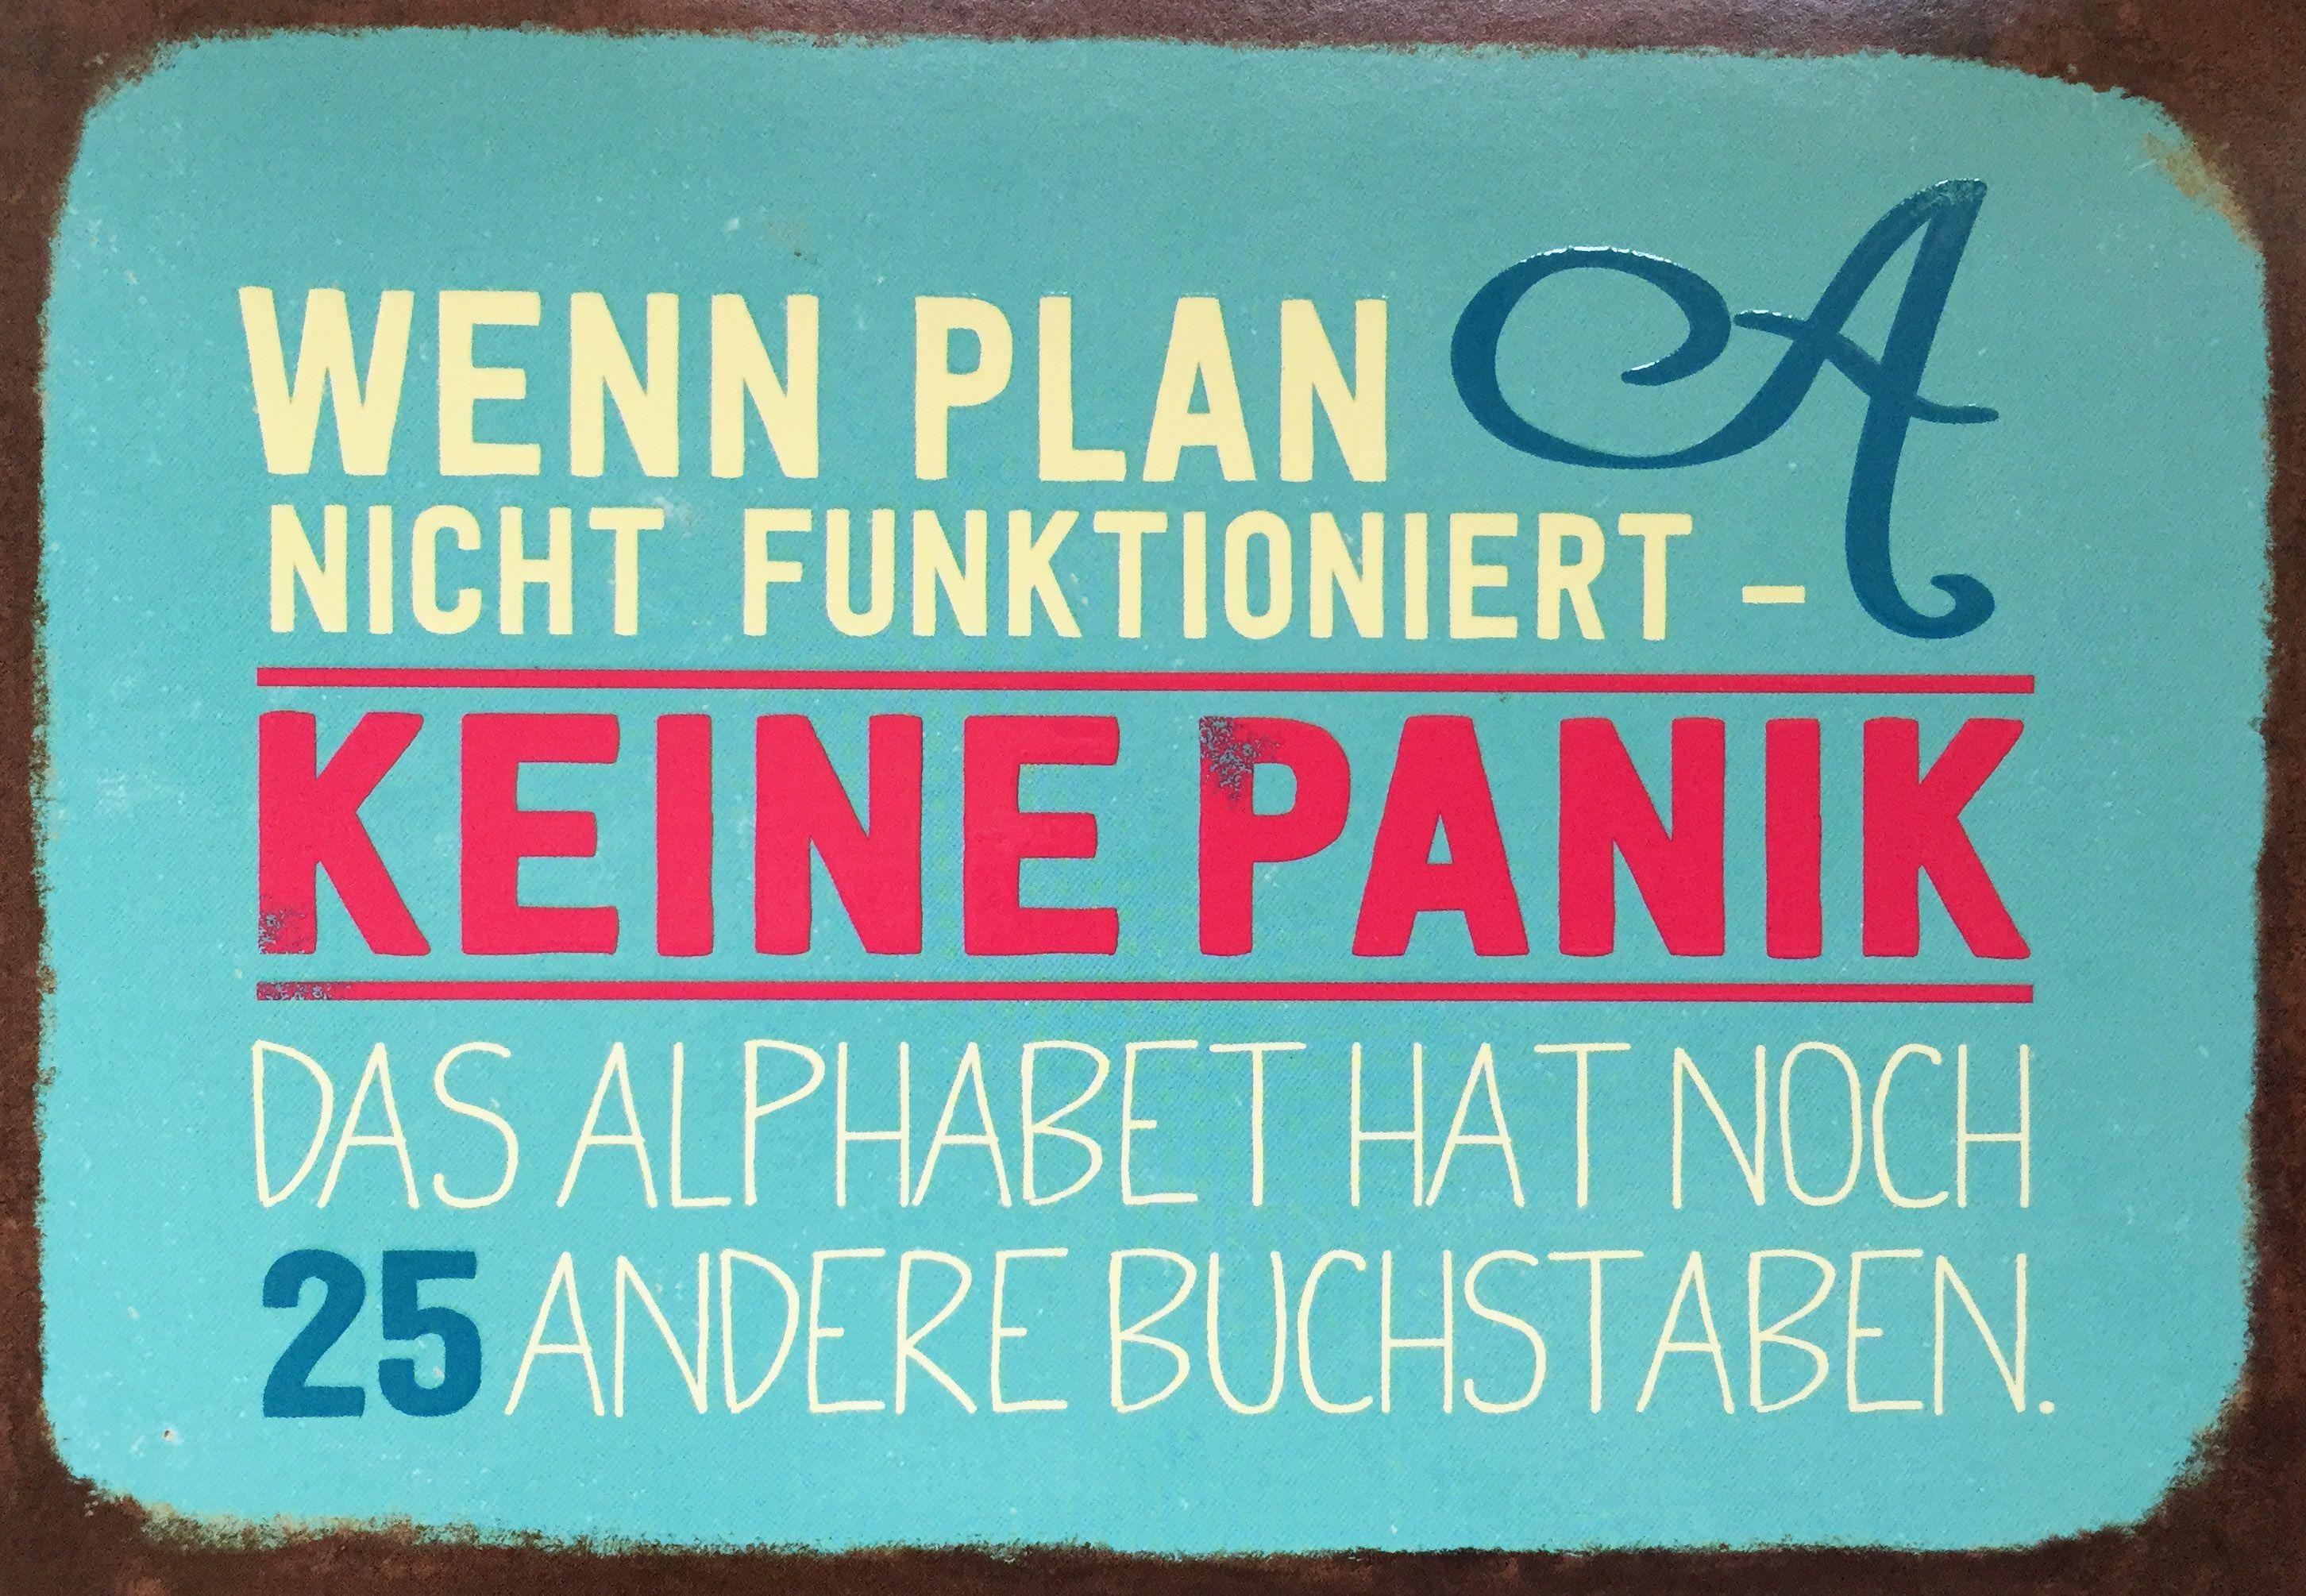 Plan A nicht funktioniert - KEINE PANIK Das Alphabet hat noch 25 andere Buchstaben coco cologne